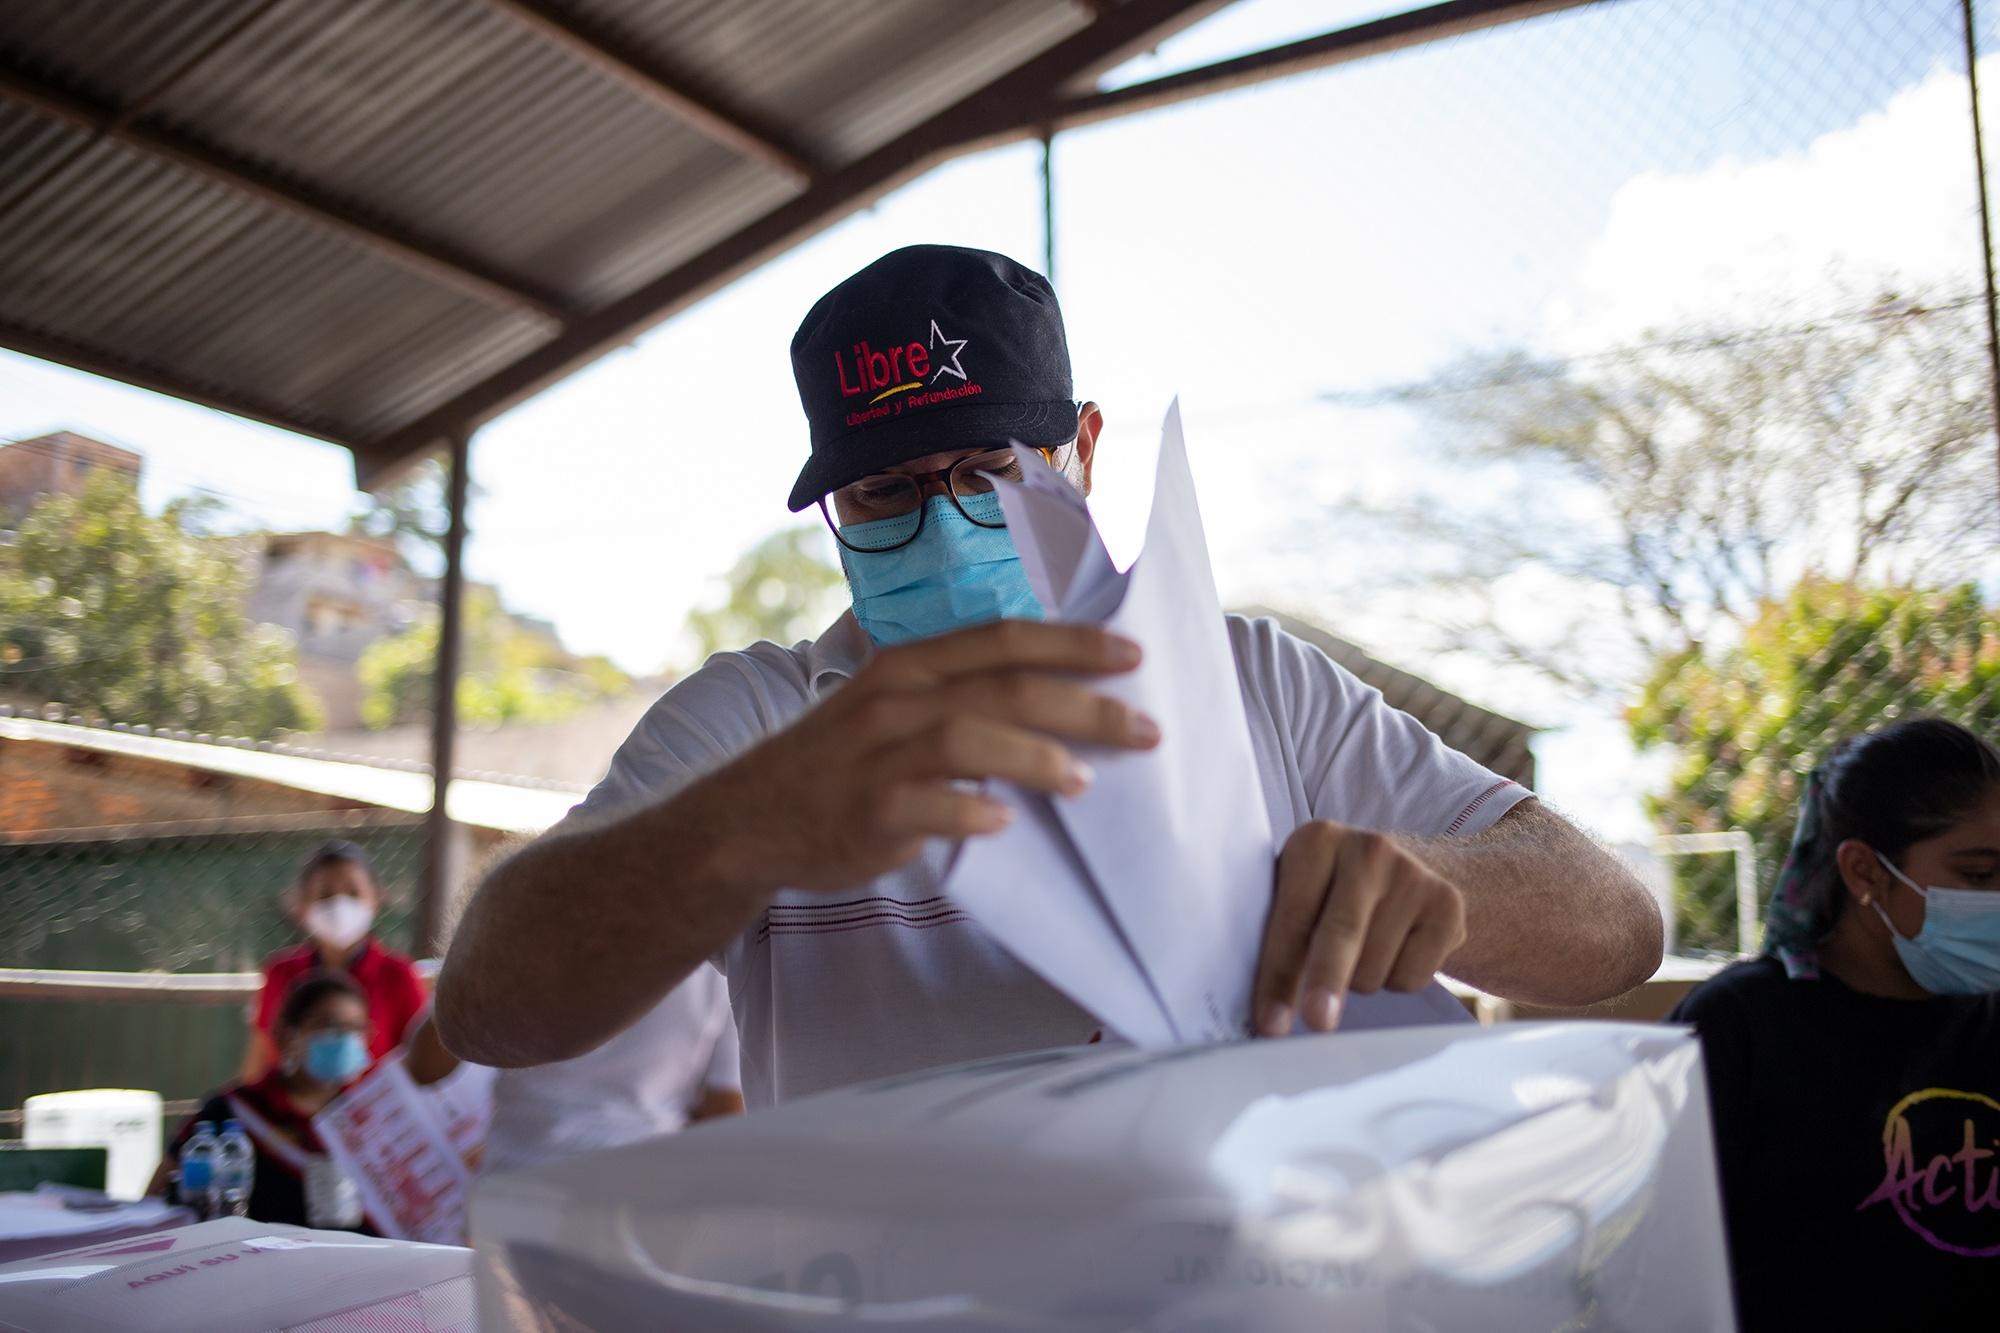 Un simpatizante del Partido Libre ejerce el sufragio en la Escuela 4 de junio de la Colonia San Miguel. Tegucigalpa, 14 de marzo de 2021. Foto: Martín Cálix.